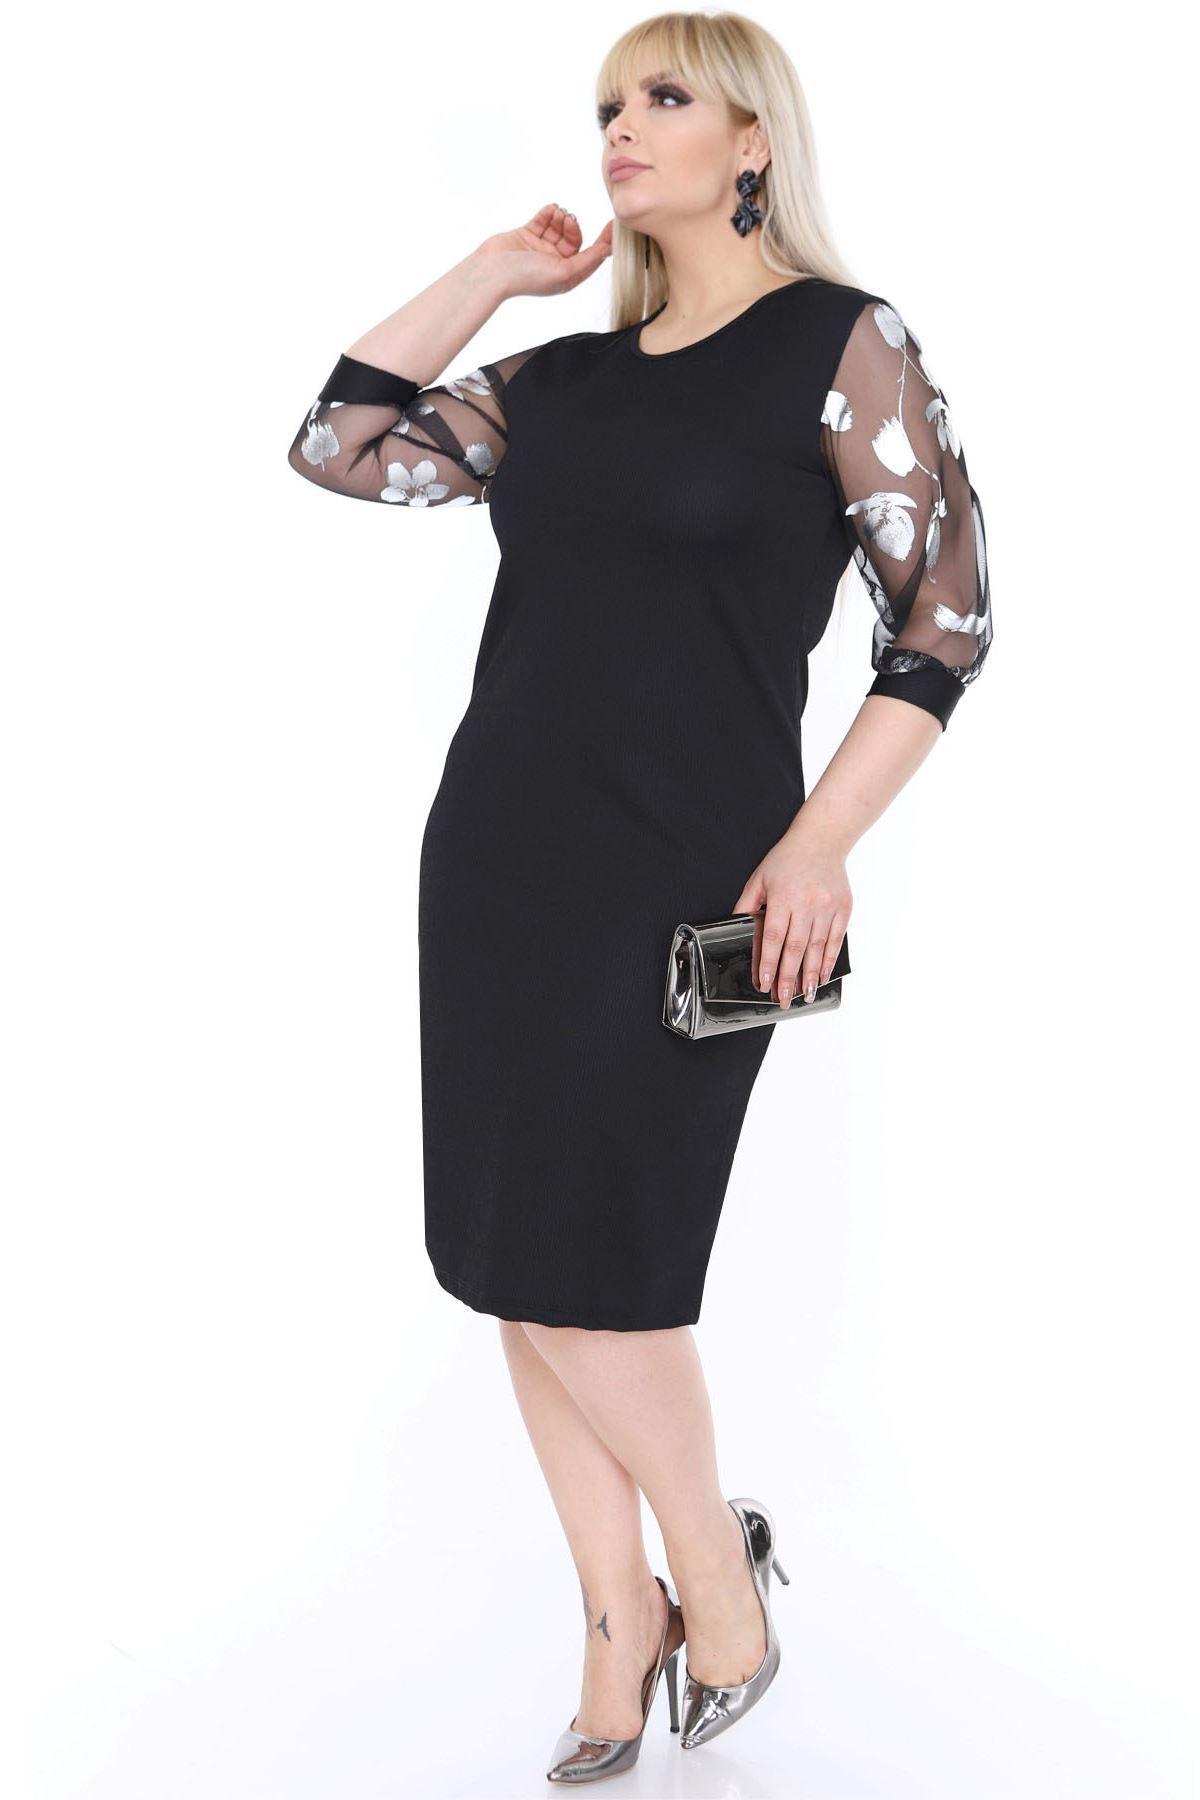 Tül Kol Gümüş Siyah Elbise 16C-0455